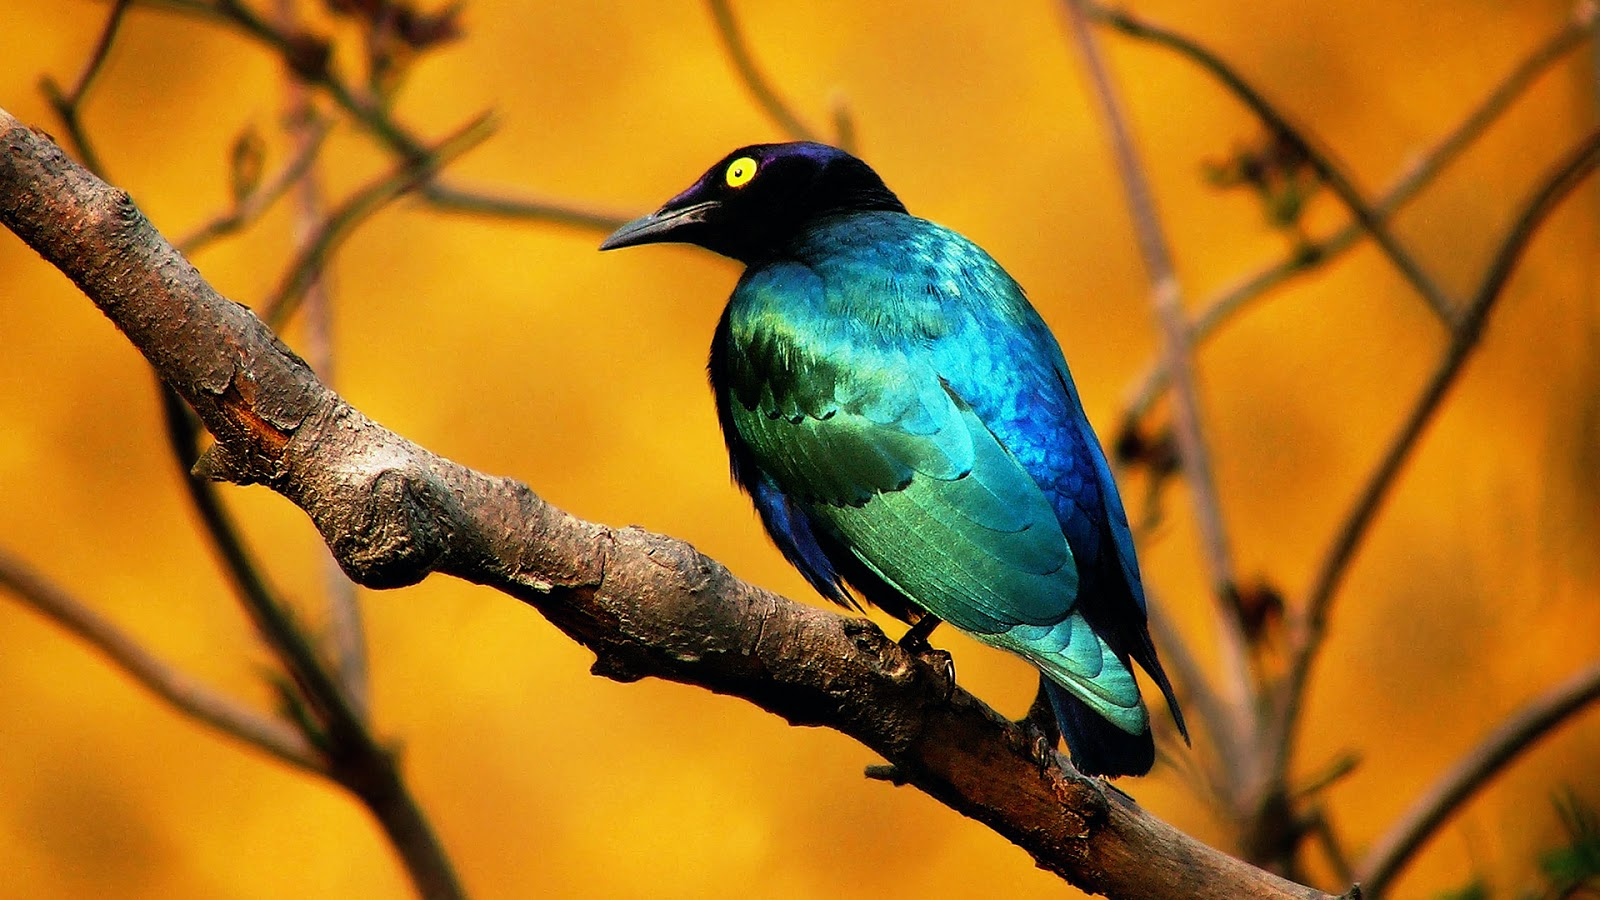 بالصور اجمل الطيور في العالم , تعرف علي اجمل واروع اشكال الطيور 3467 10